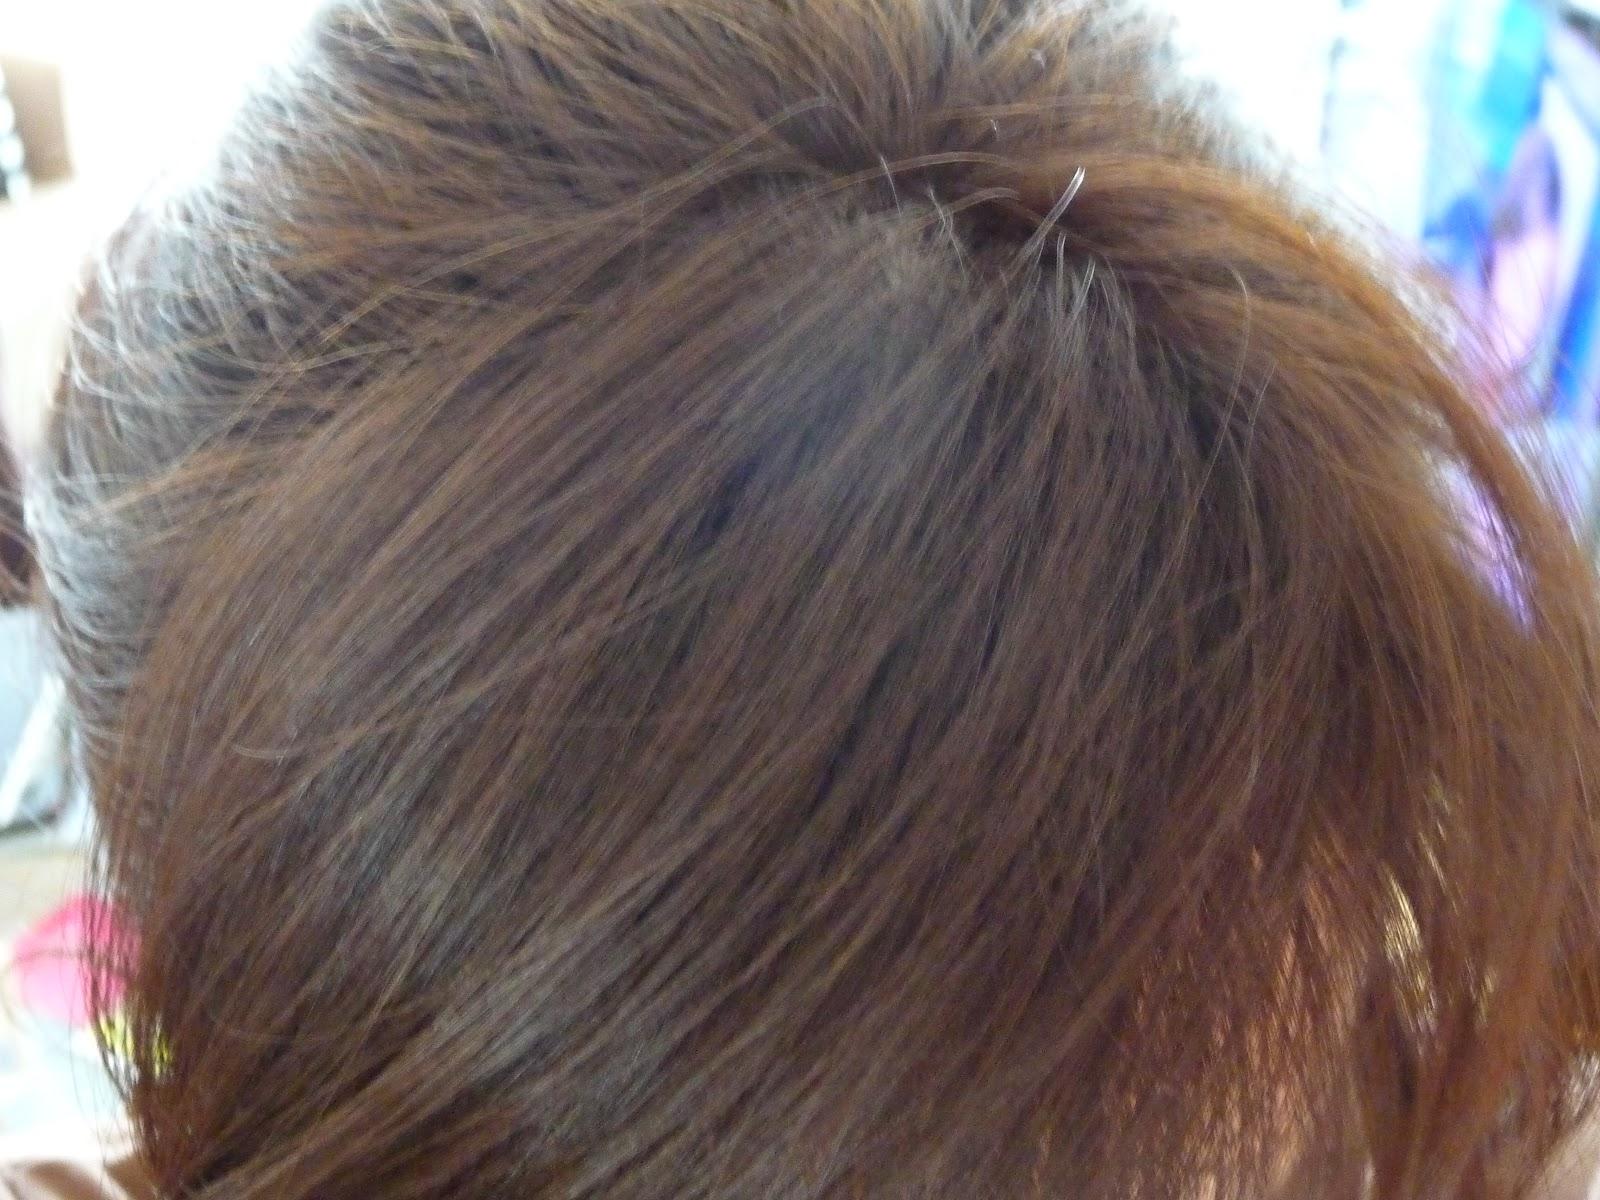 coloration nest pas assez nourrissant mon got mes cheveux sont rests un peu rches tout de mme en plus on en a tout juste pour une application - Coloration Franck Provost